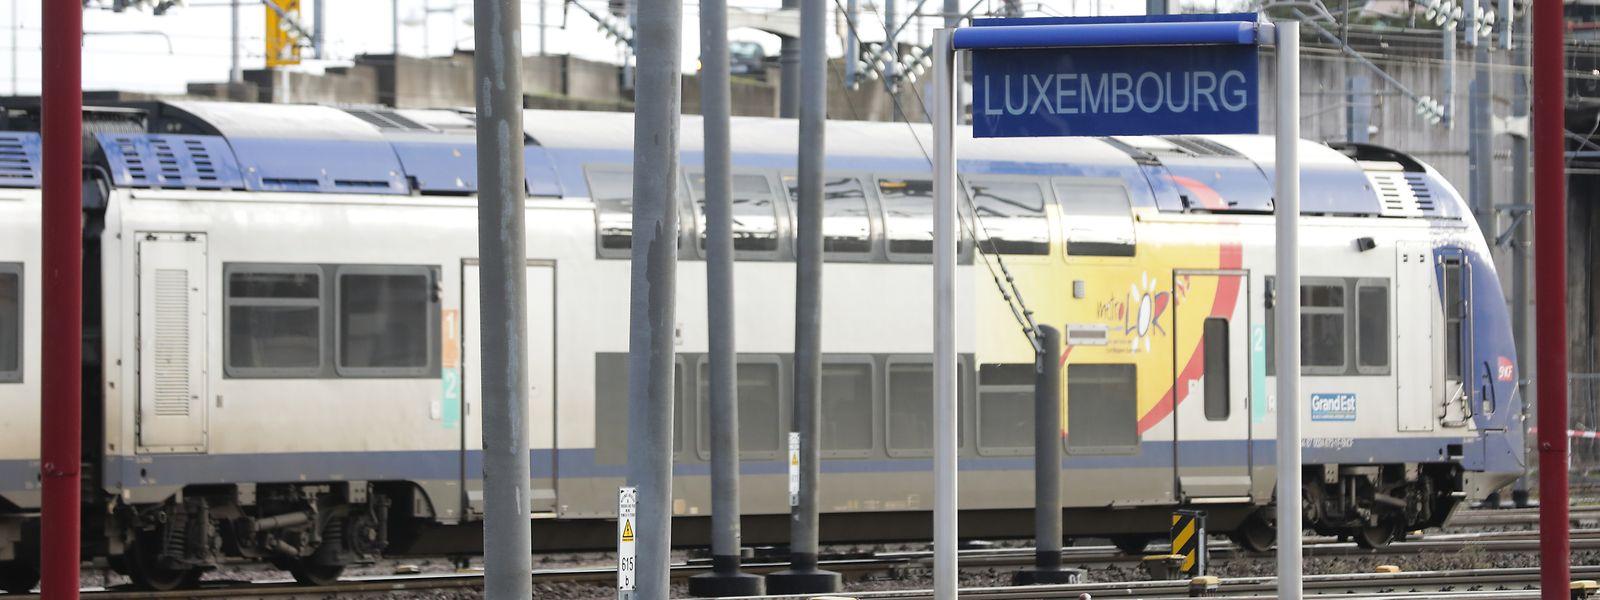 Pendant toute la durée de la grève, la SNCF indiquera, tous les jours à 17h,  quels sont les trains du lendemain qui seront disponibles.